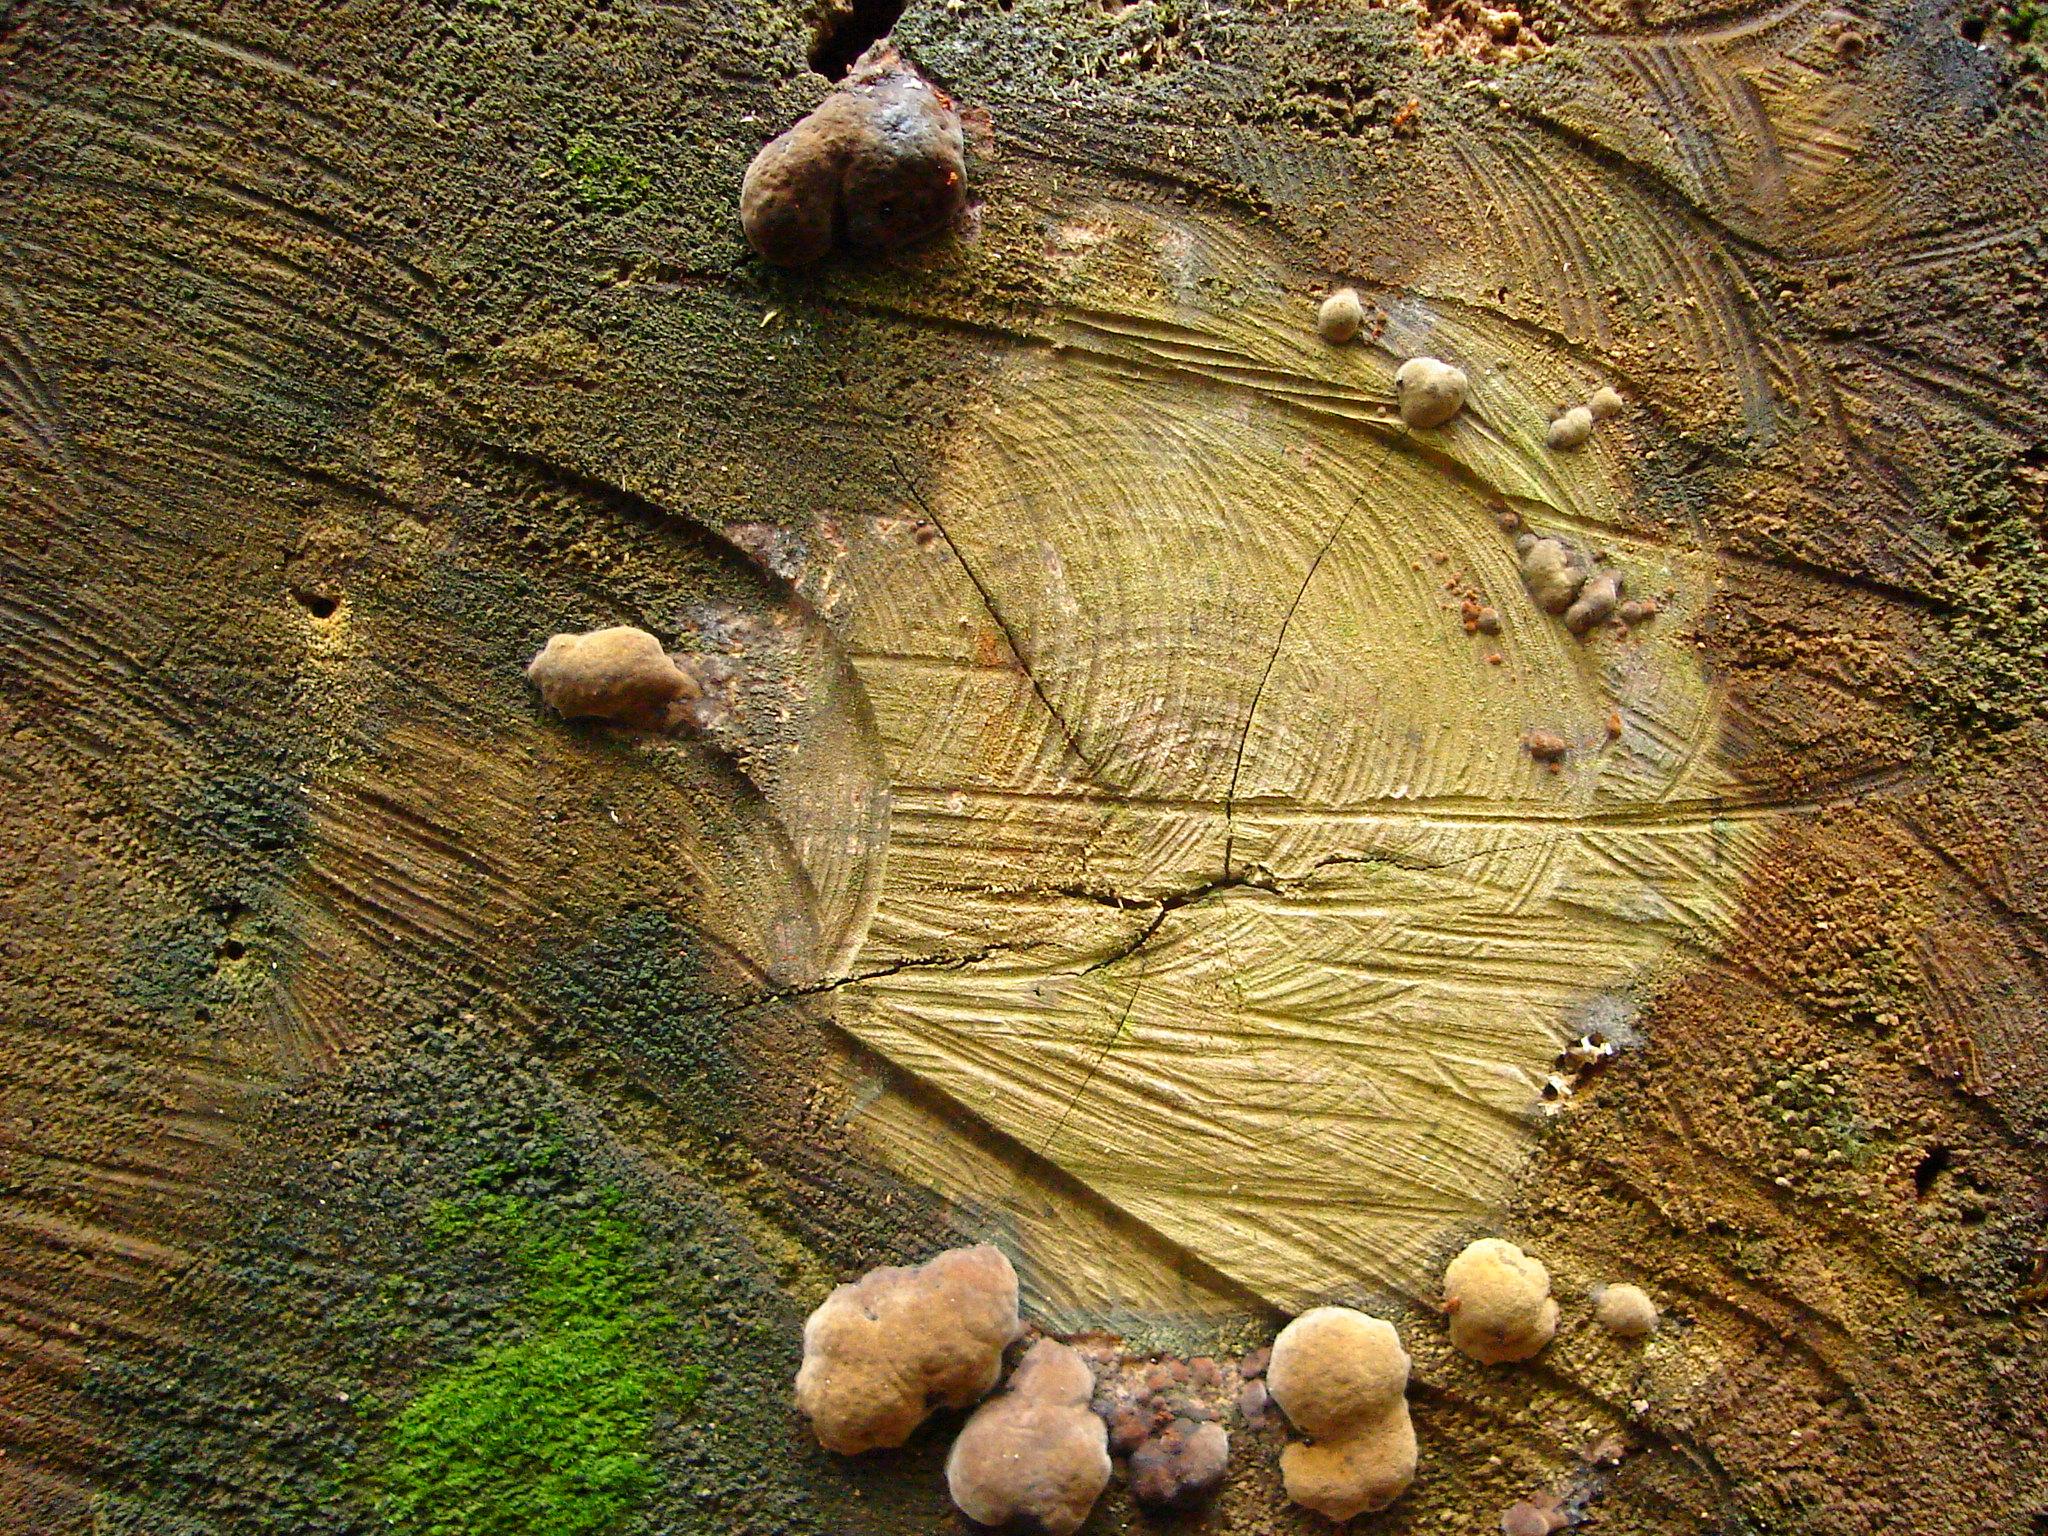 poows fungus toadstools mushrooms on tree stump